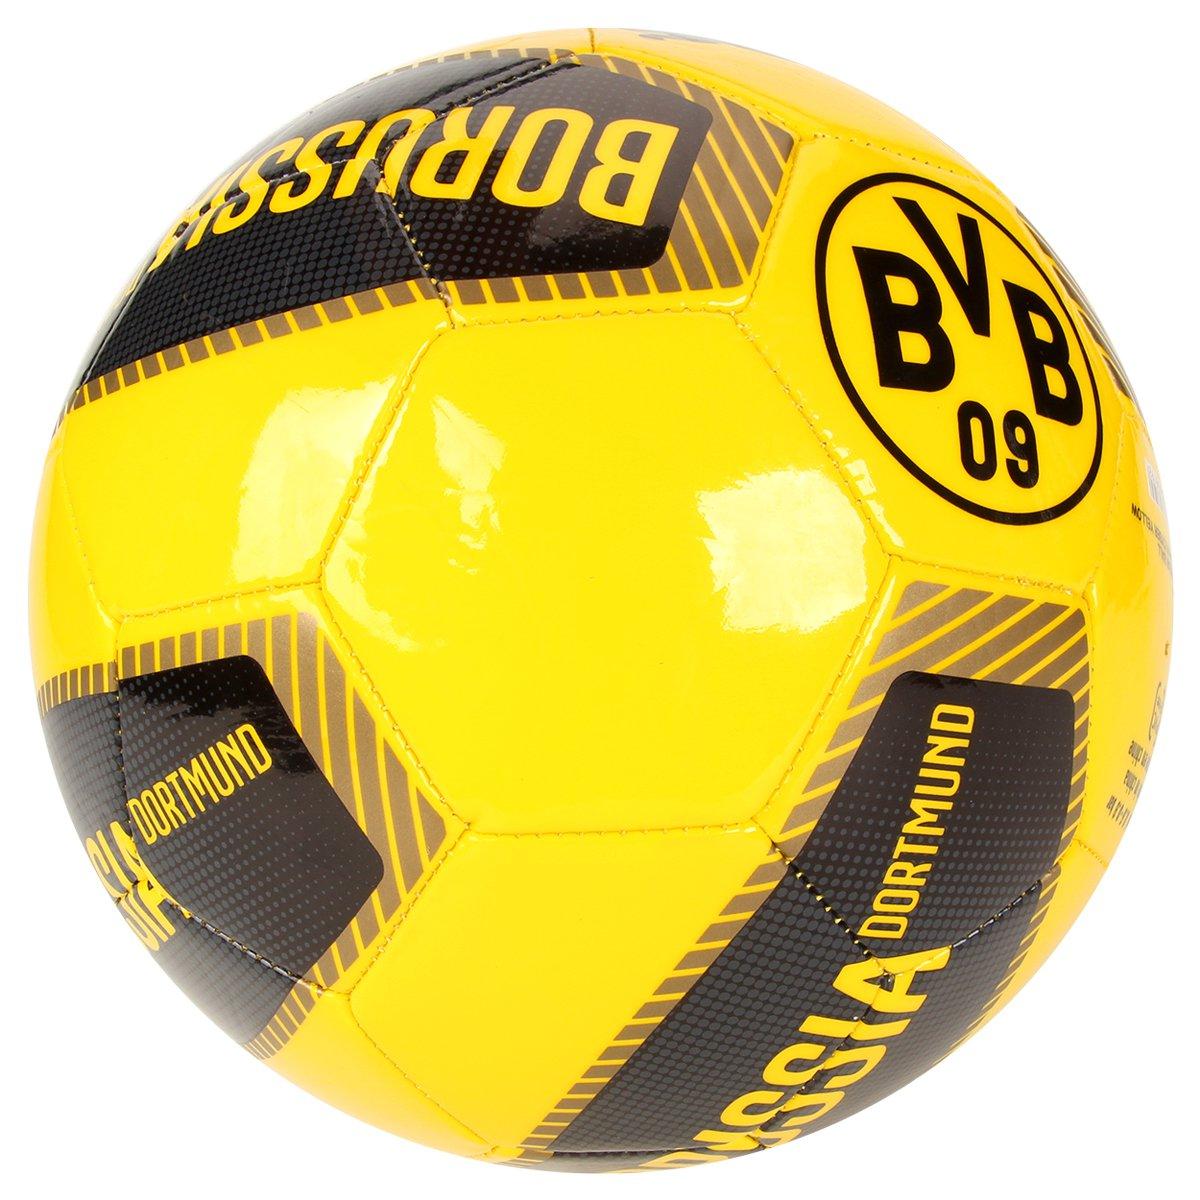 Bola Futebol Puma Borussia Dortmund Fanwear Campo - Compre Agora ... a070316595ca1